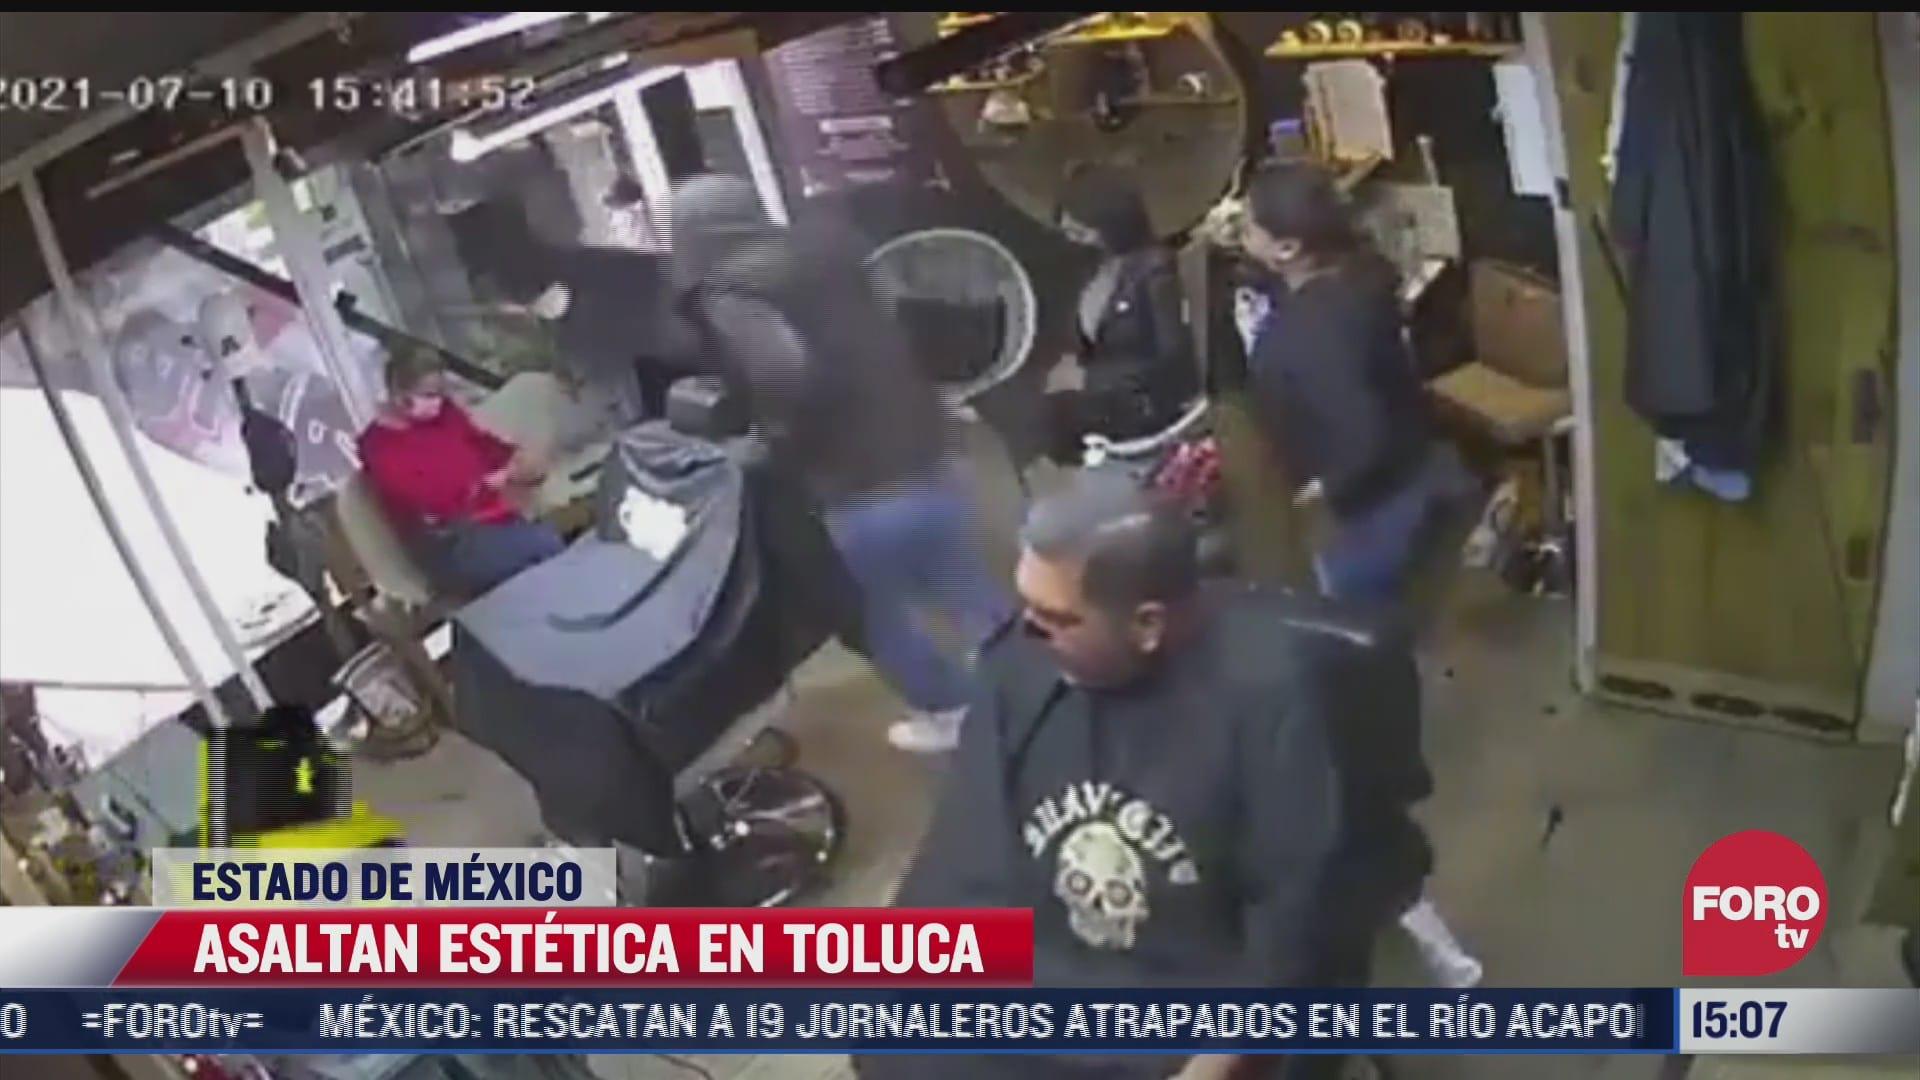 captan asalto a estetica en toluca estado de mexico